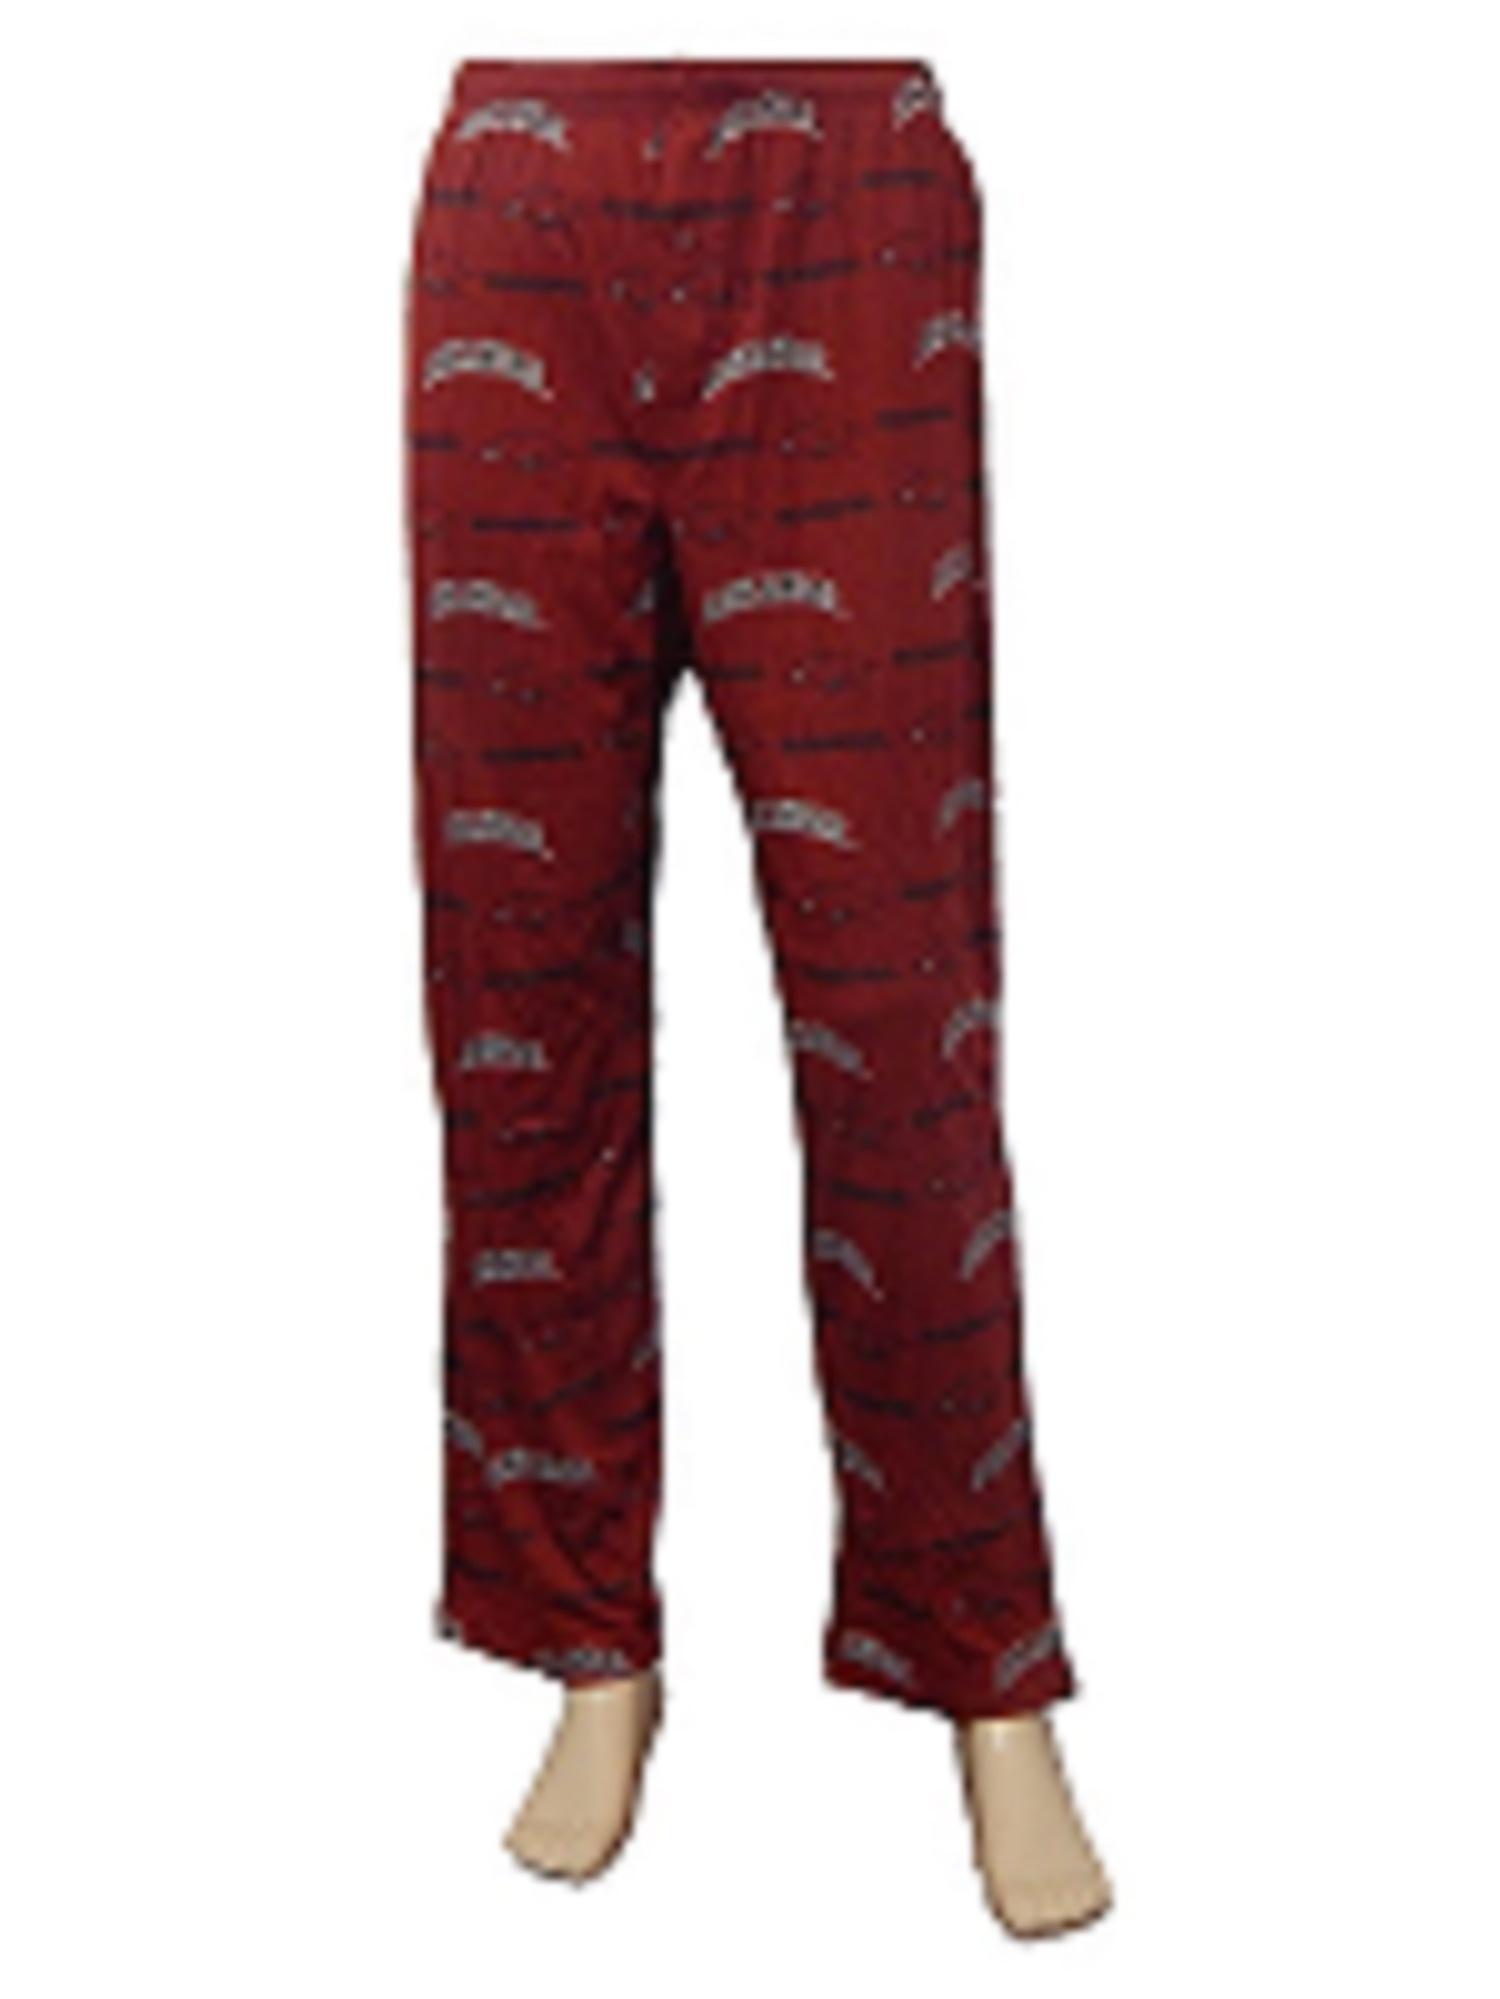 NCAA ARKANSAS RAZORBACKS All-Over-Print Logo Lounge Pajama Sleep Pants (Medium)